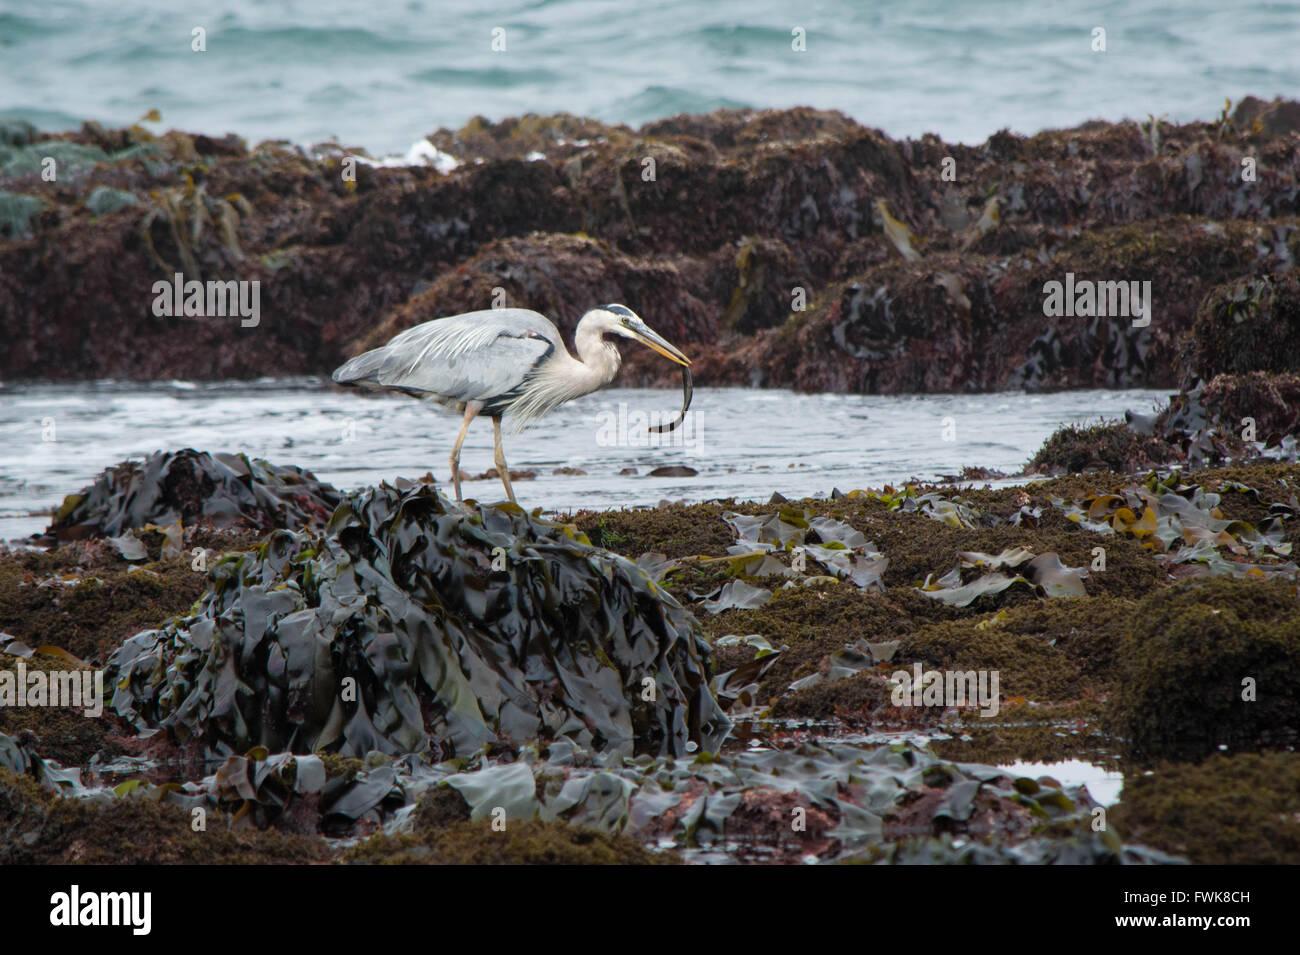 Gray Heron At Dirty Beach - Stock Image